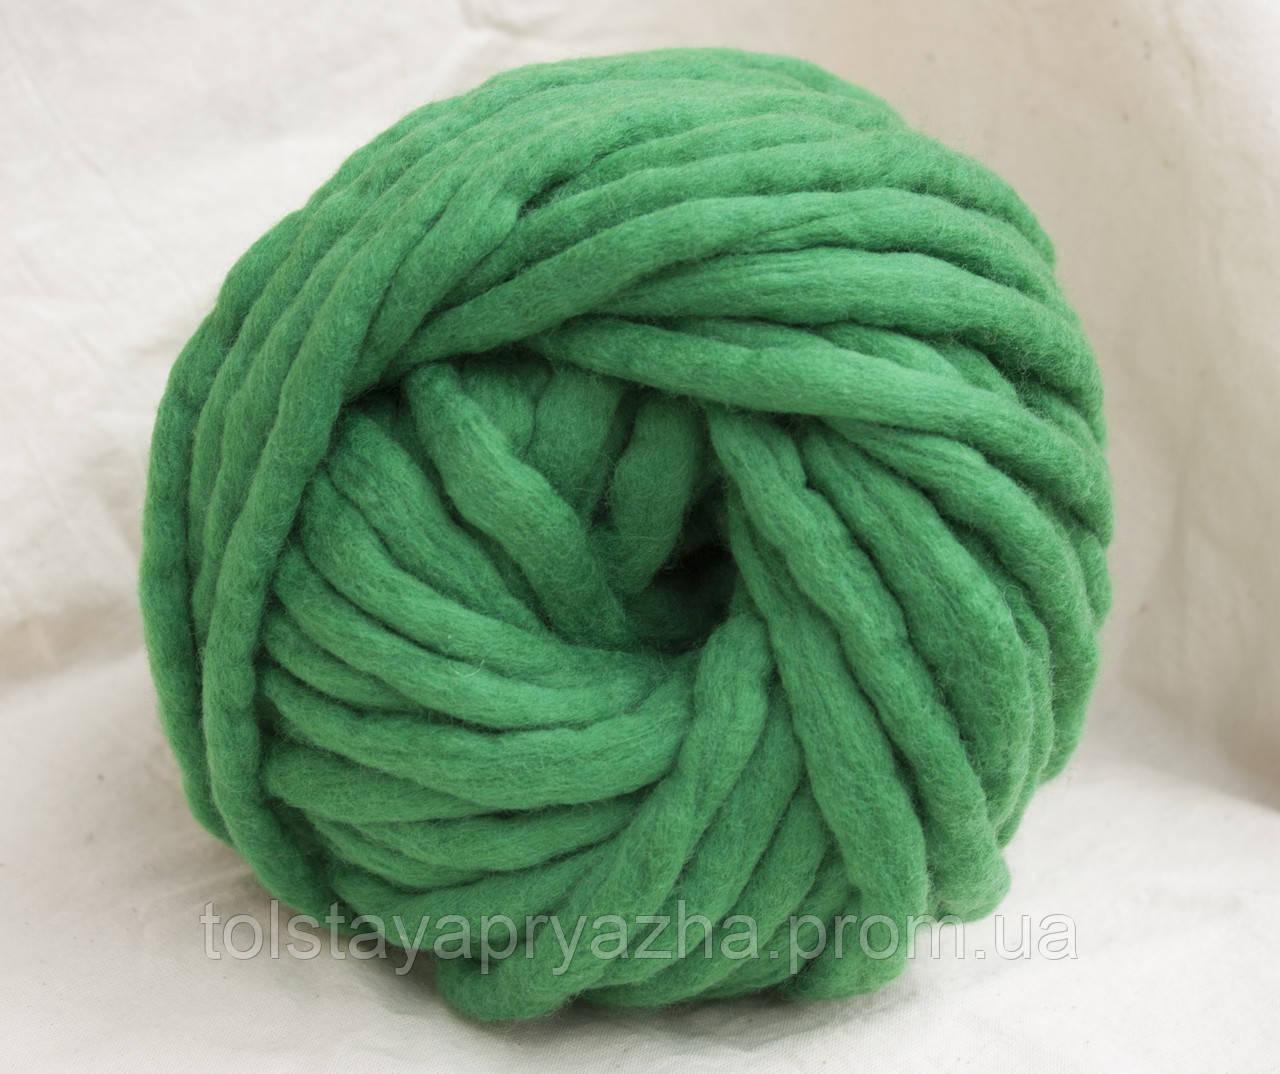 Товста пряжа ручного прядіння Elina Tolina, 100% вовна (оброблена) смарагд